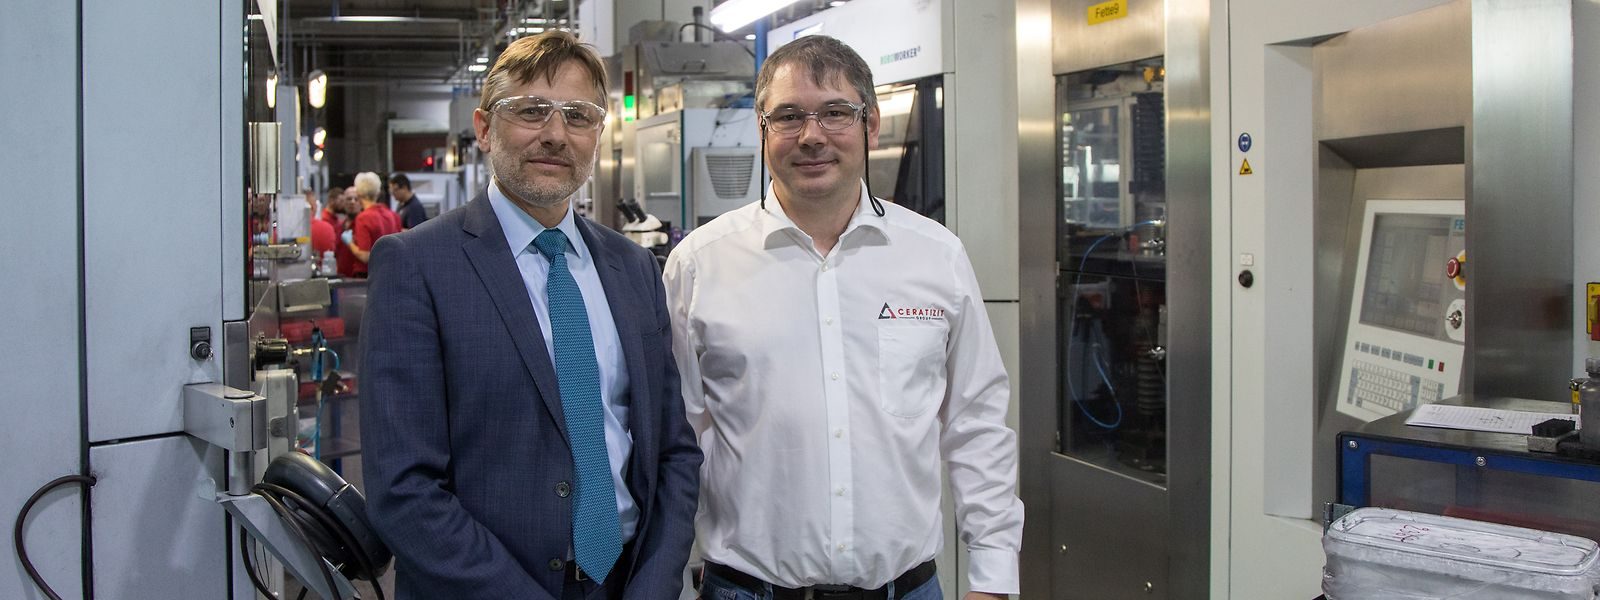 Vorstandsmitglied Frank Thomé und Ralph Useldinger, Leiter der Entwicklungsabteilung, (v.l.), zeigen das Stammwerk von Ceratizit in  Mamer.